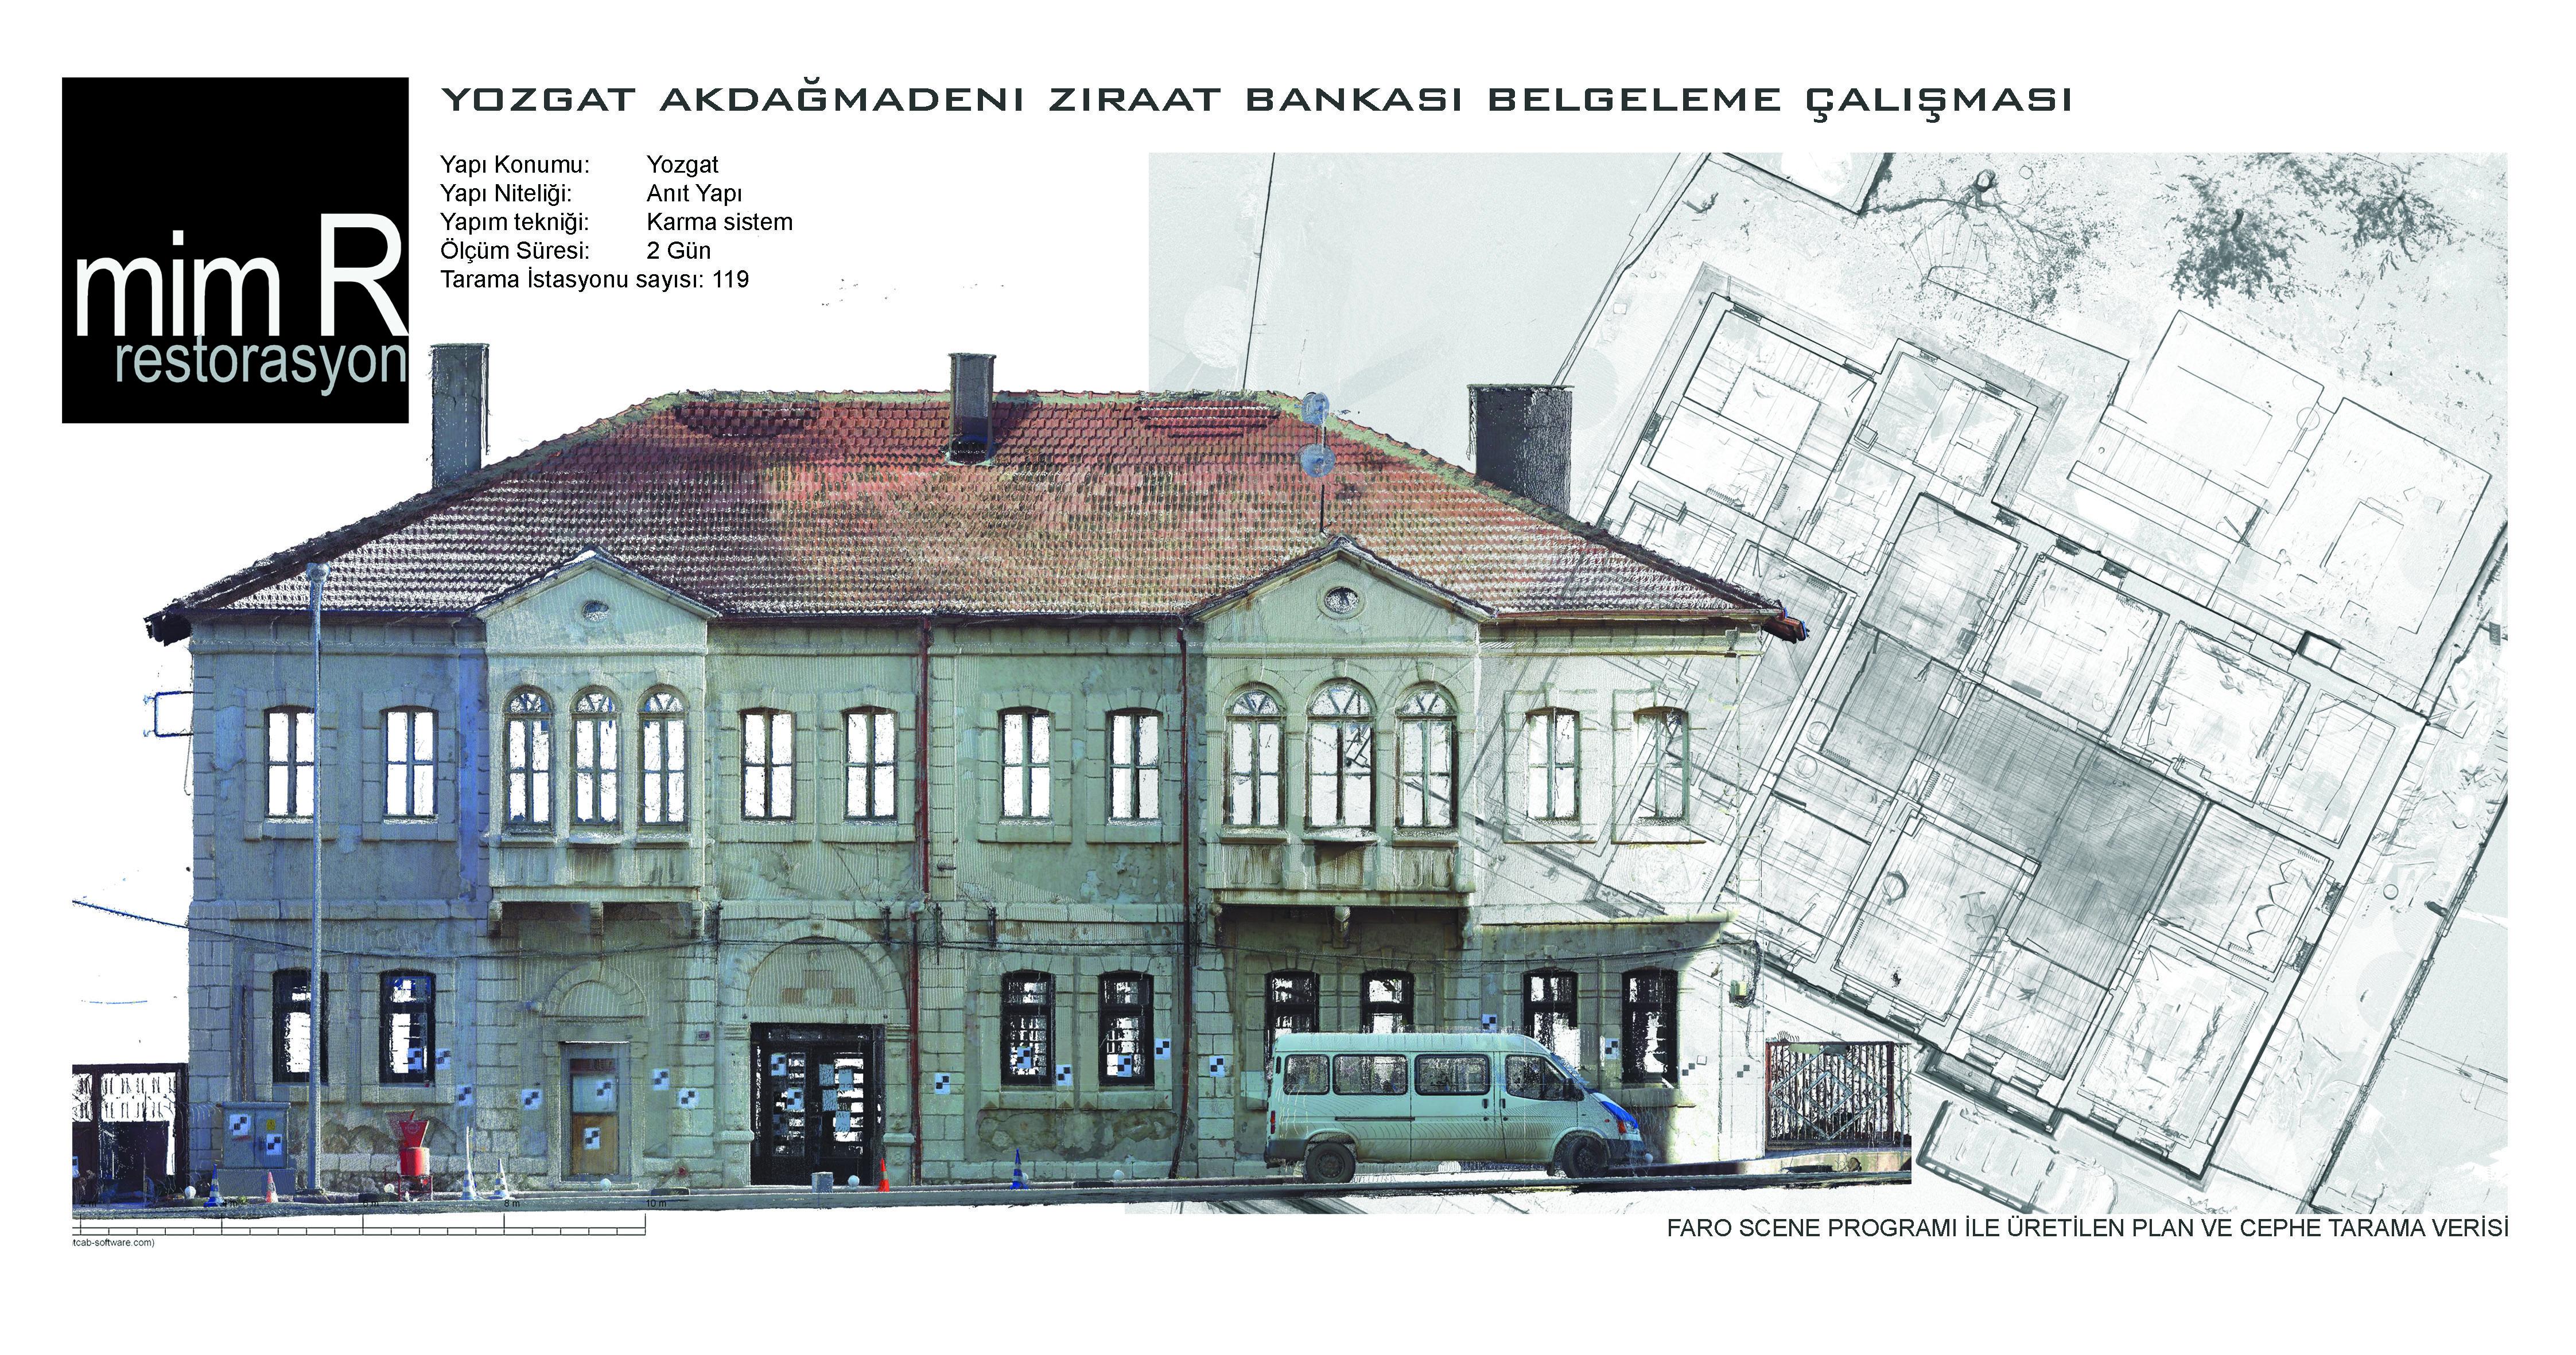 Yozgat Akdağ Madeni Ziraat Bankası